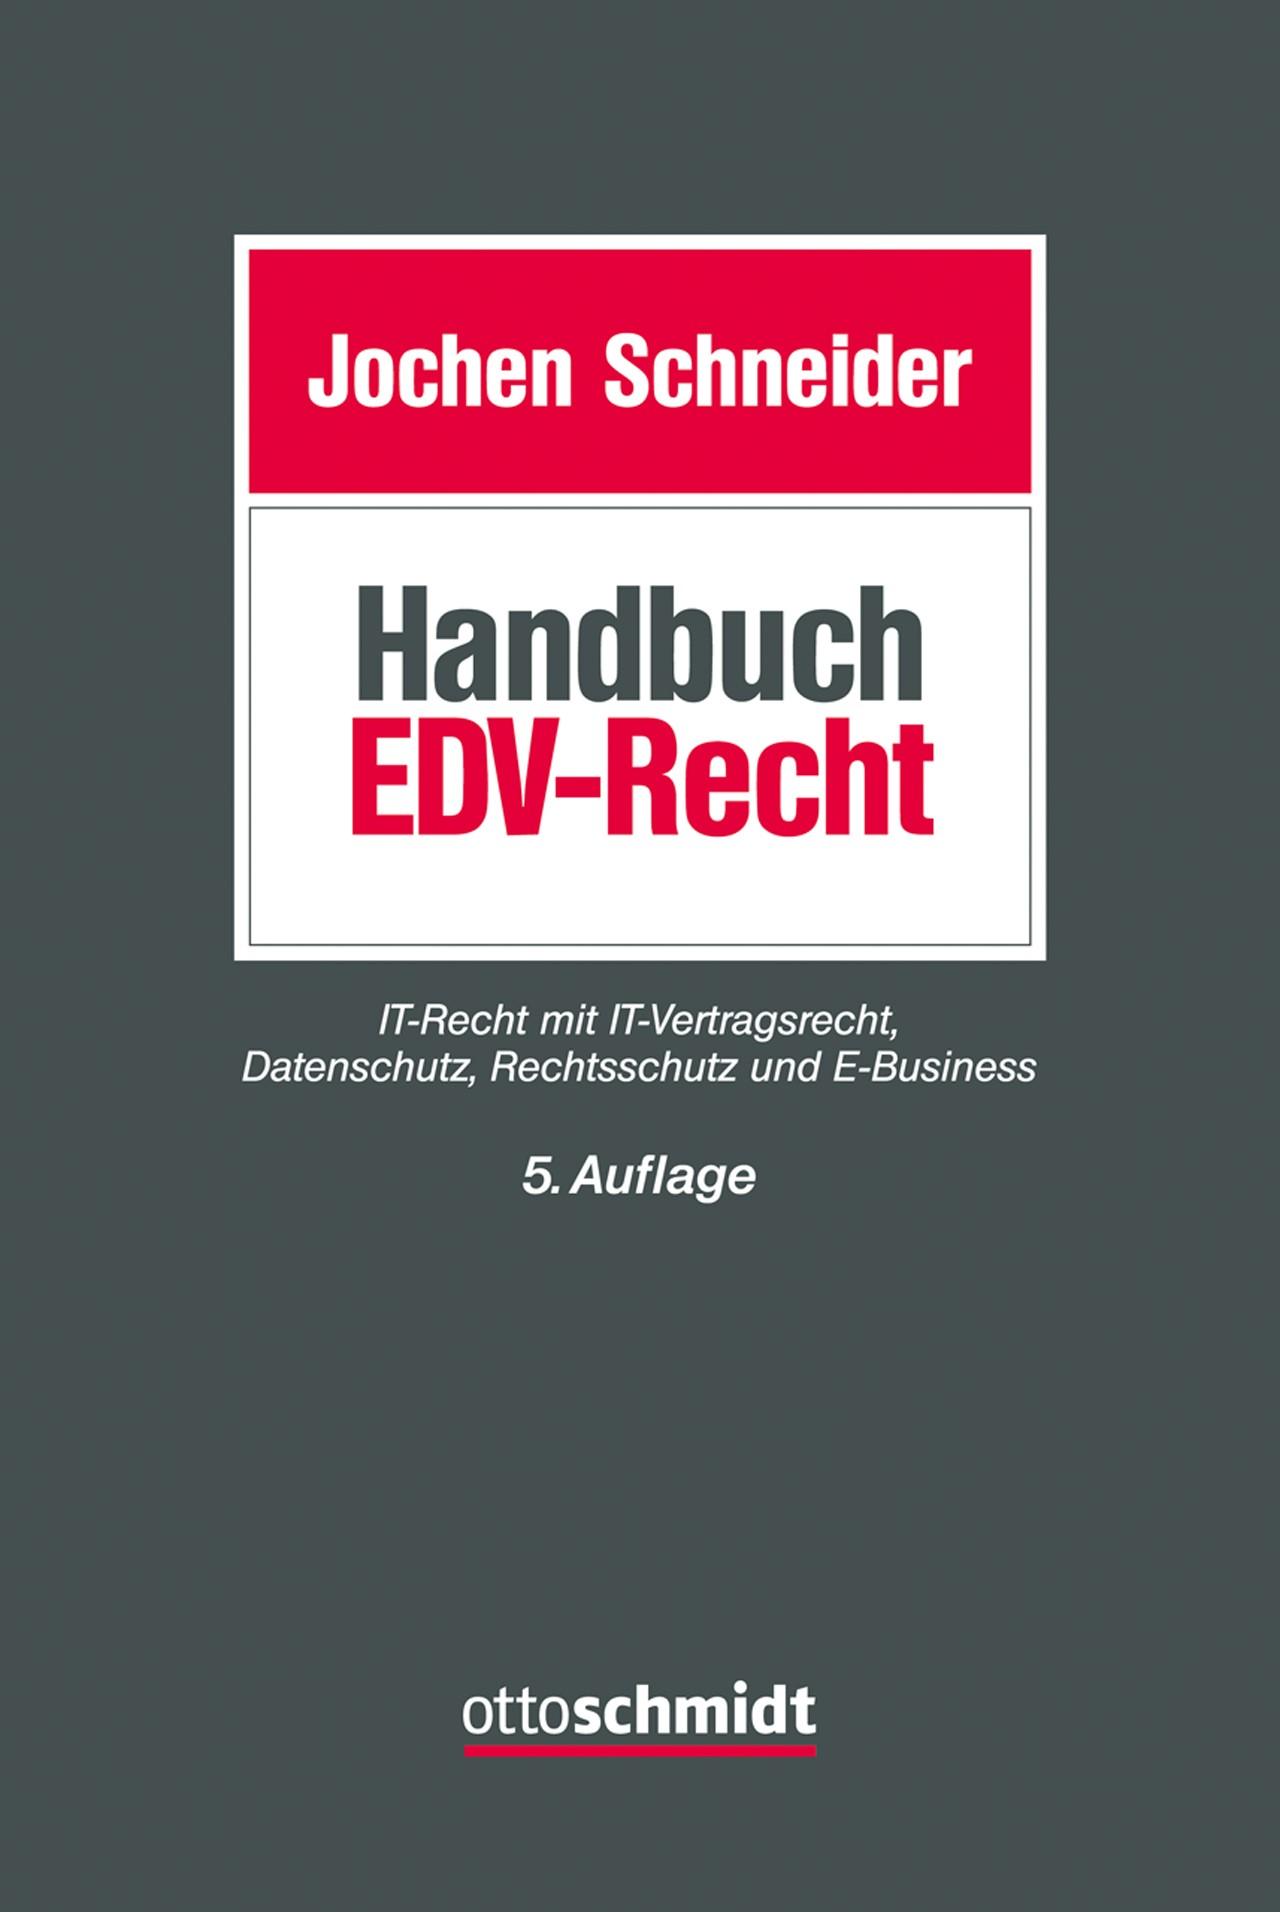 Handbuch EDV-Recht   Schneider   Buch (Cover)